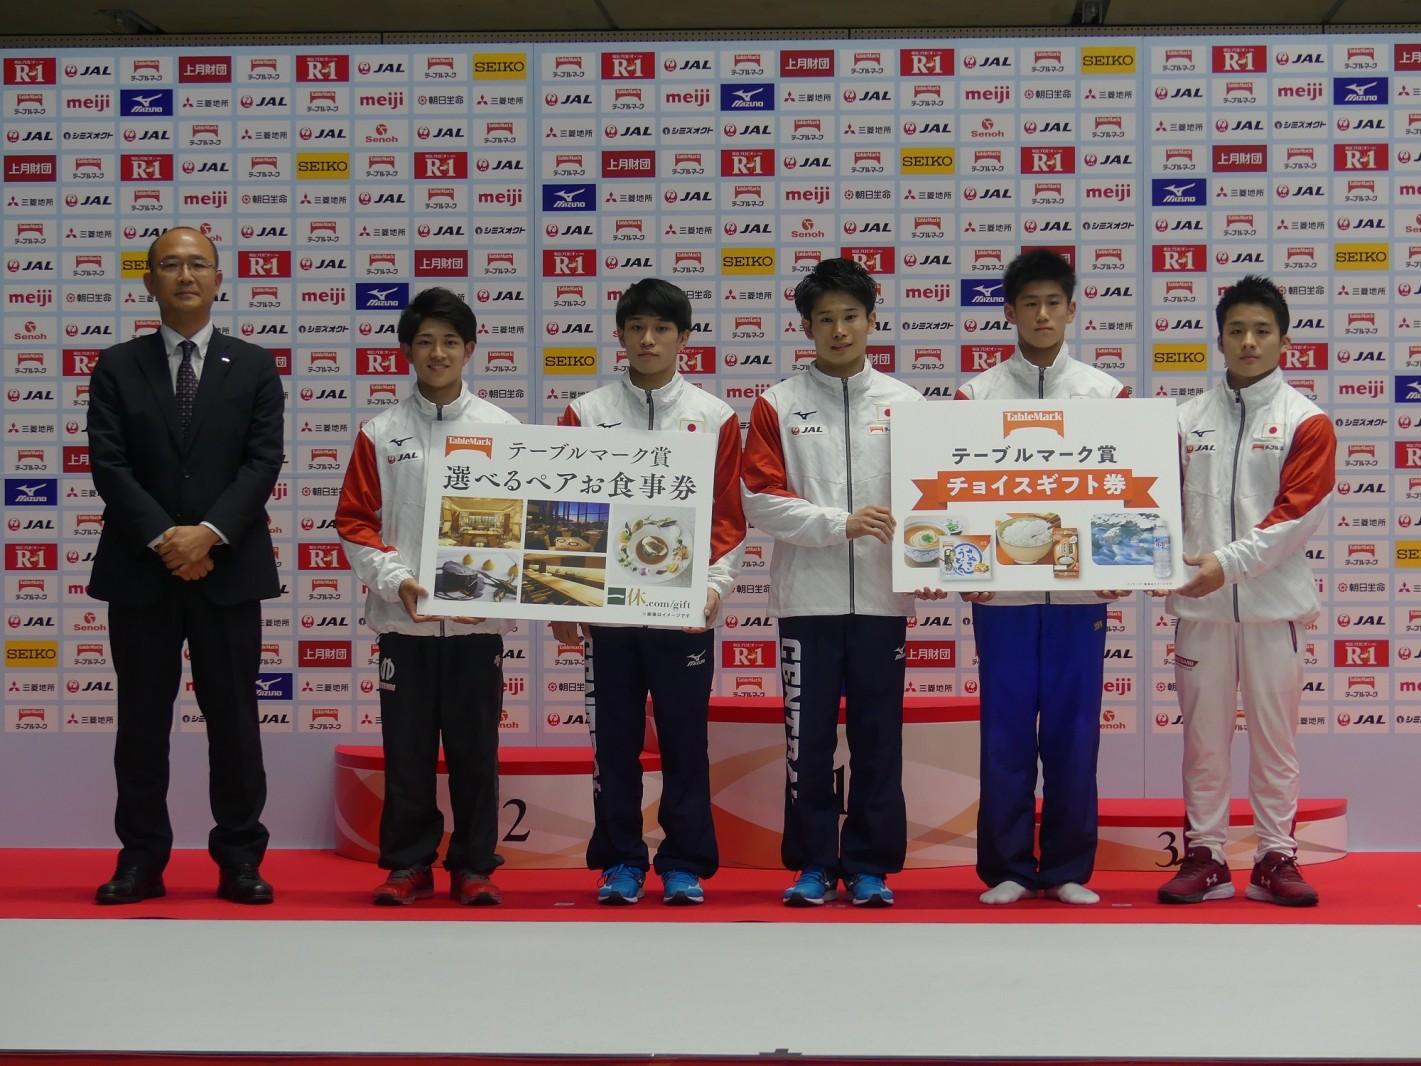 体操ニッポン応援 日本代表選手に「テーブルマーク賞」